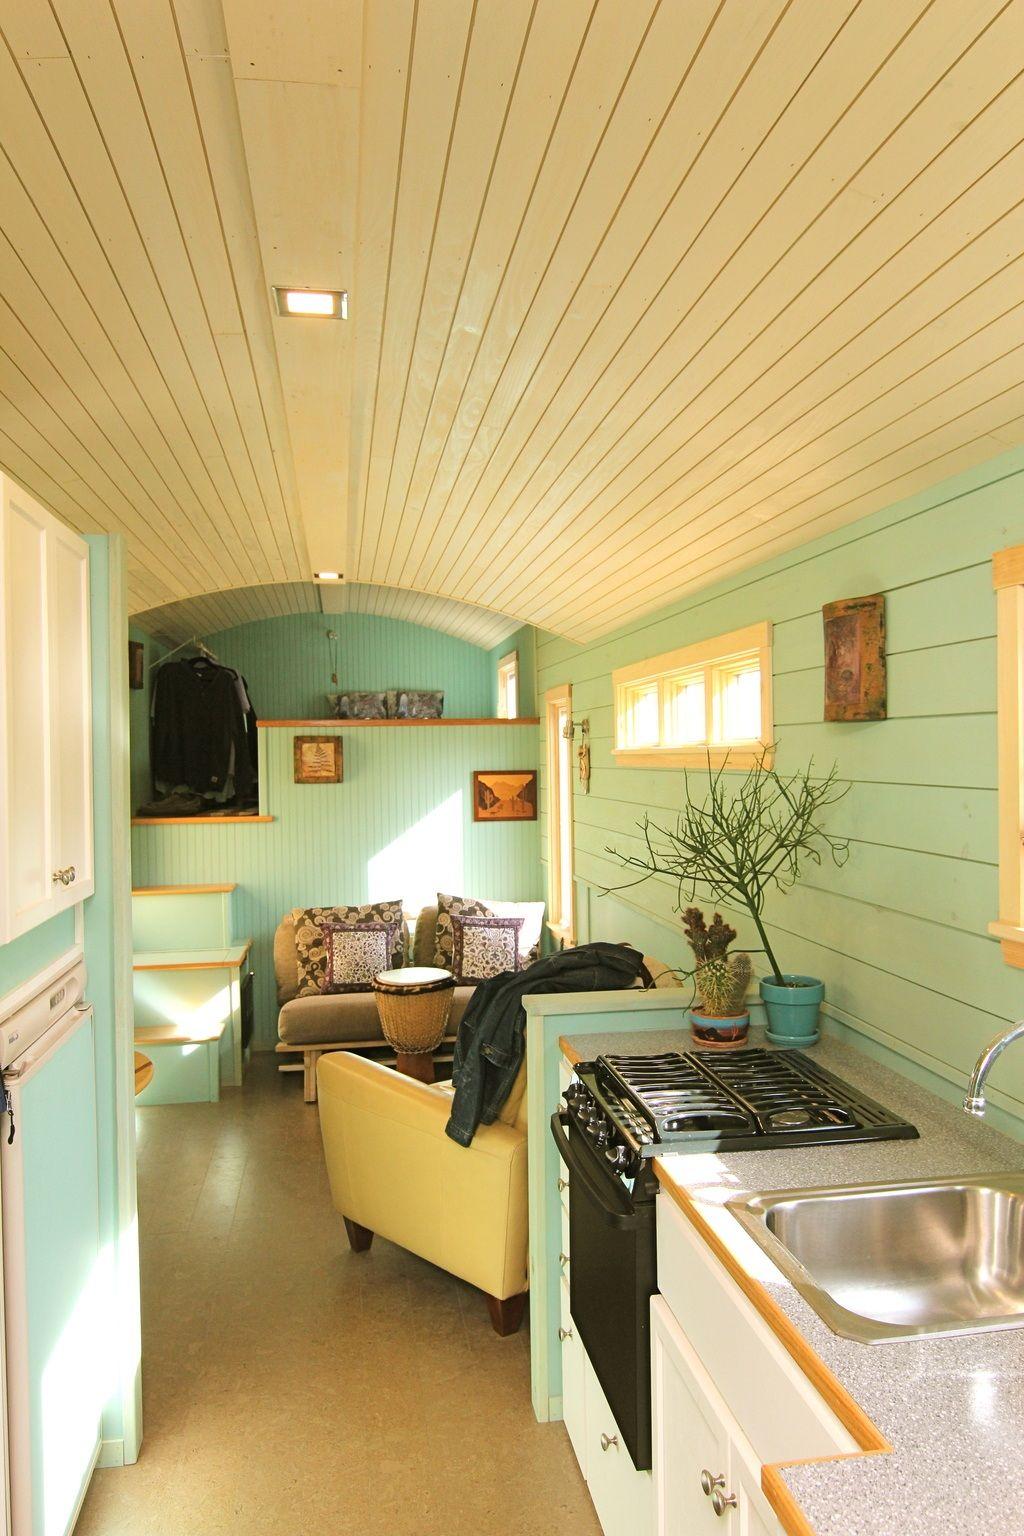 Wunderbar Kiva Küche Und Bad Dallas Tx Fotos - Küchenschrank Ideen ...